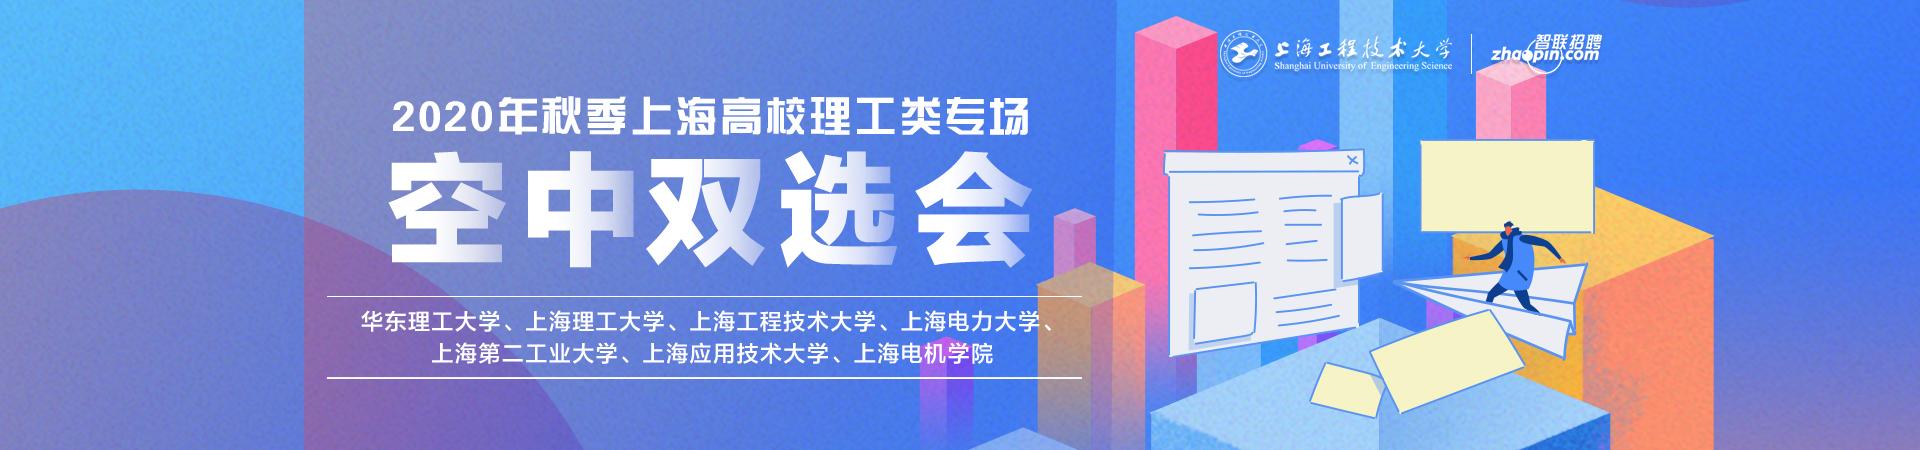 2020年秋季上海高校理工类专场空中双选会